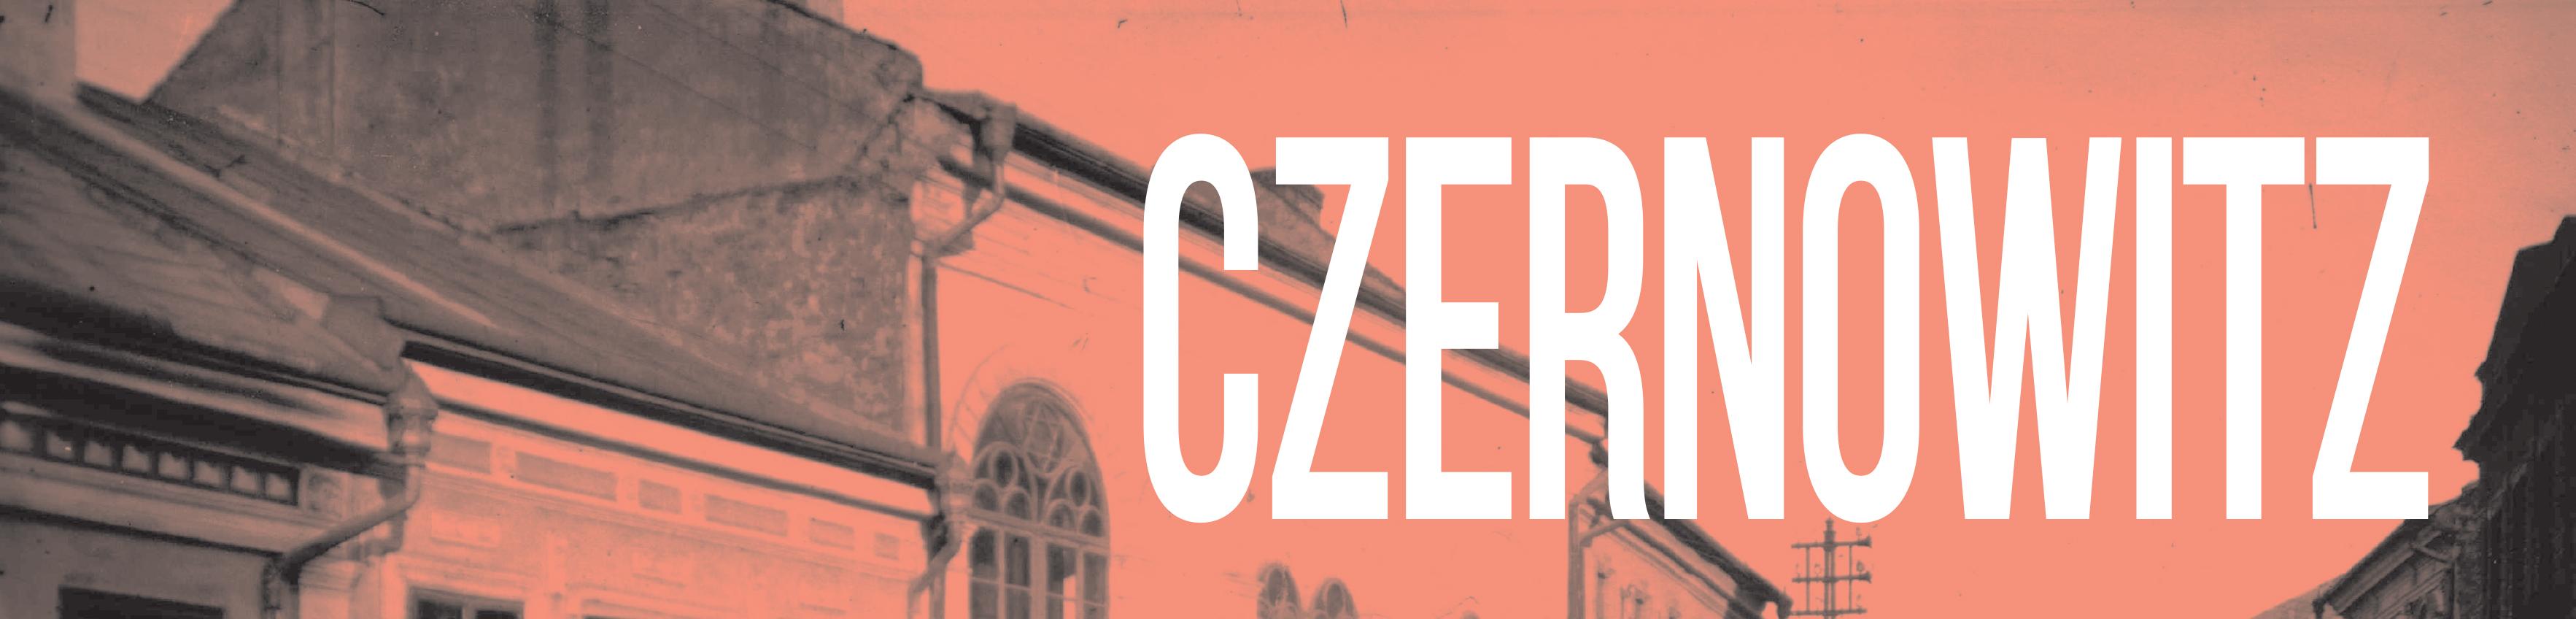 Sulzburg Czernowitz Dichter 04.10.2015